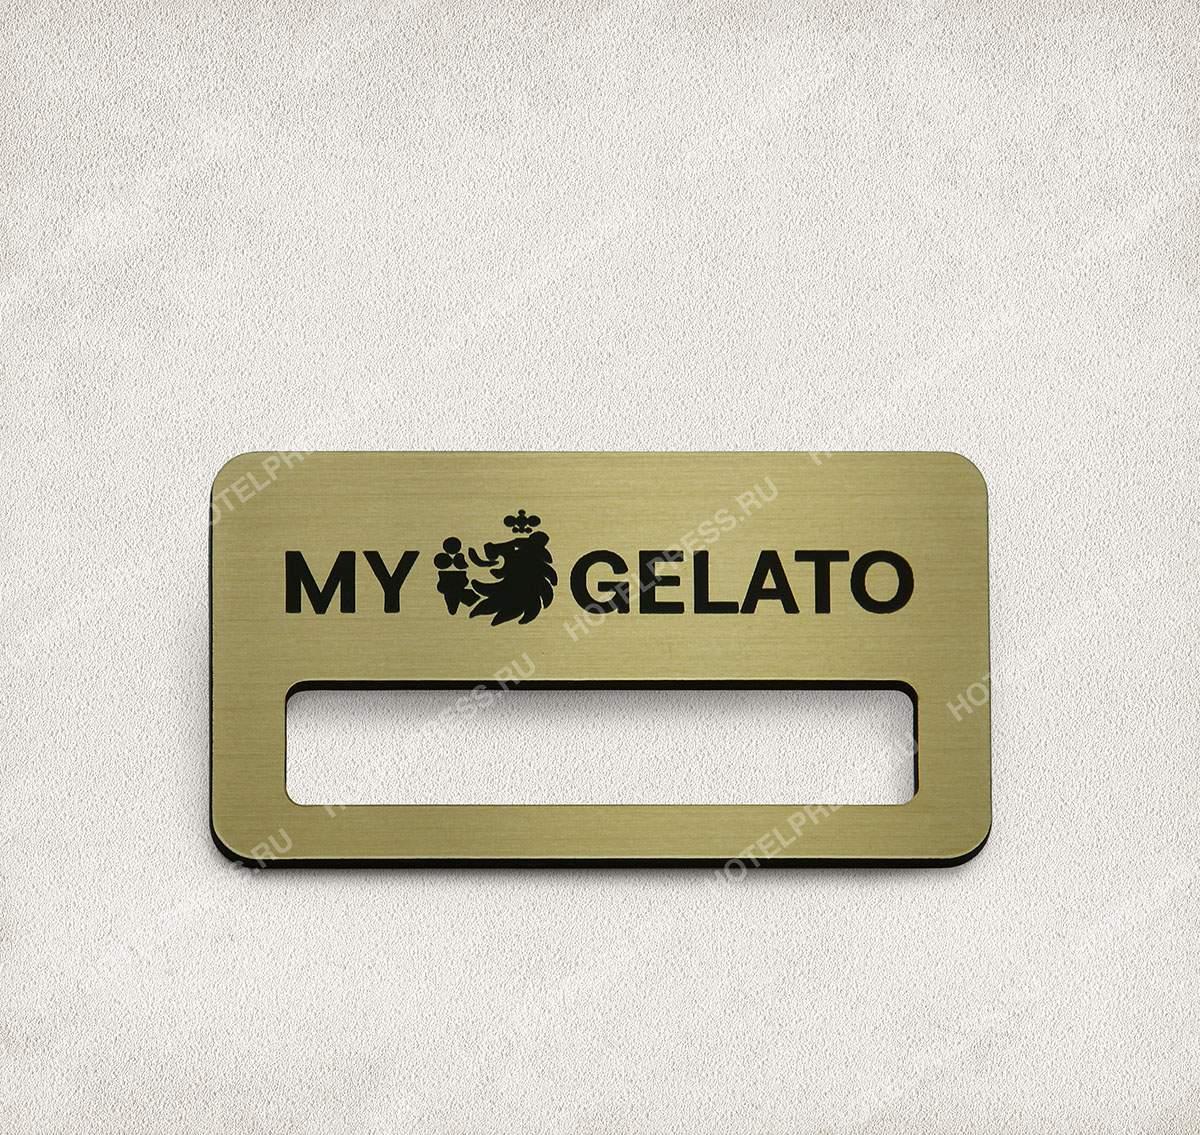 Бейдж из пластика компании MY GELATO